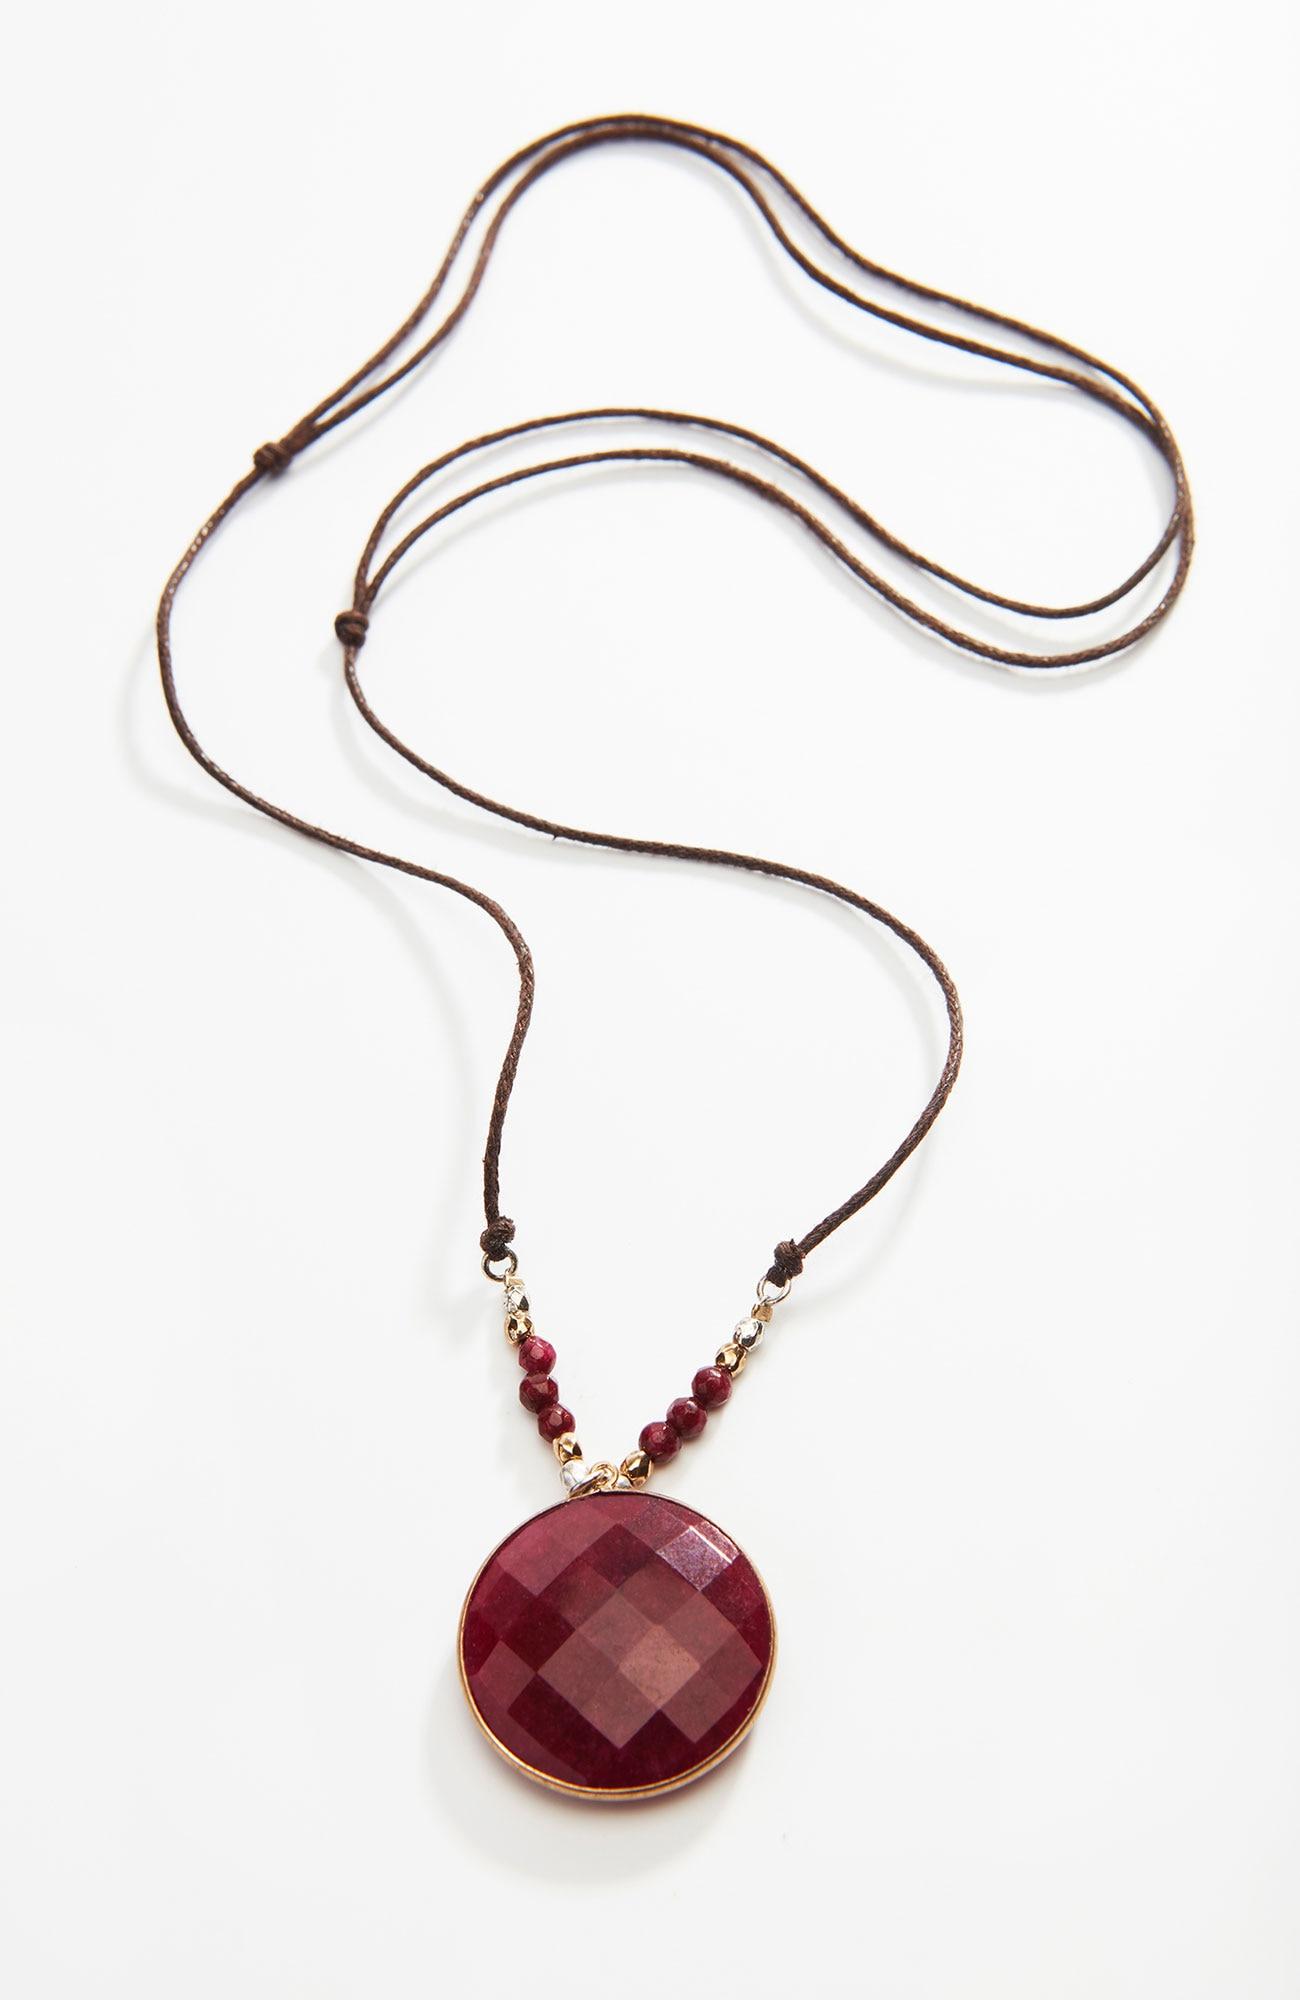 scarlet sky round pendant necklace